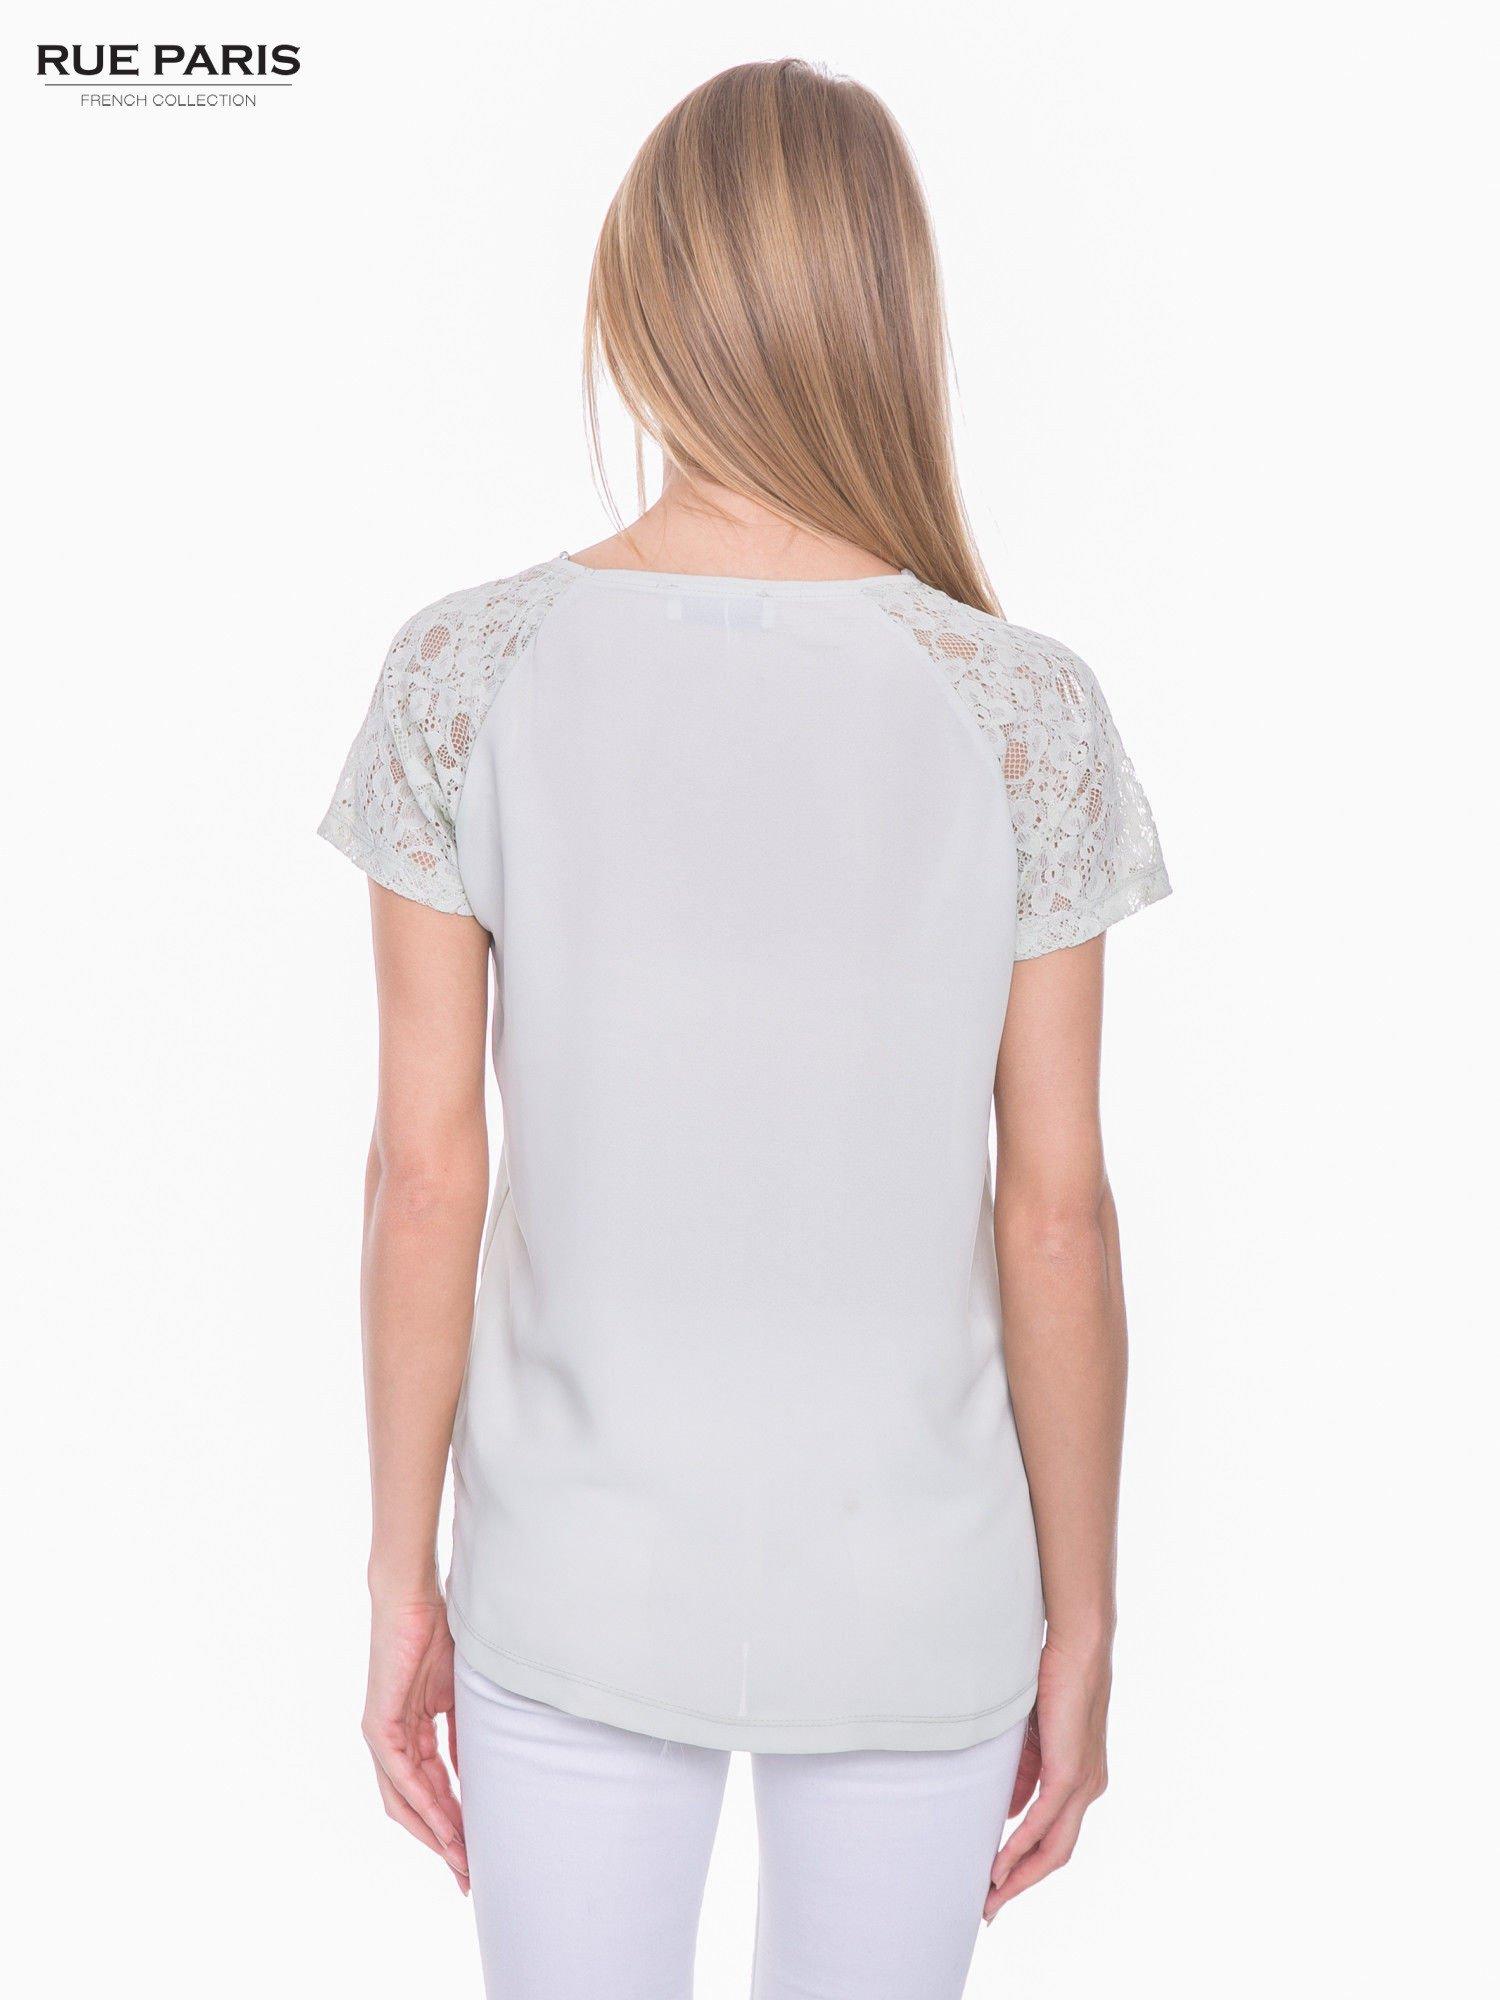 Miętowy t-shirt z koronkowymi rękawami i szyfonowym tyłem                                  zdj.                                  3